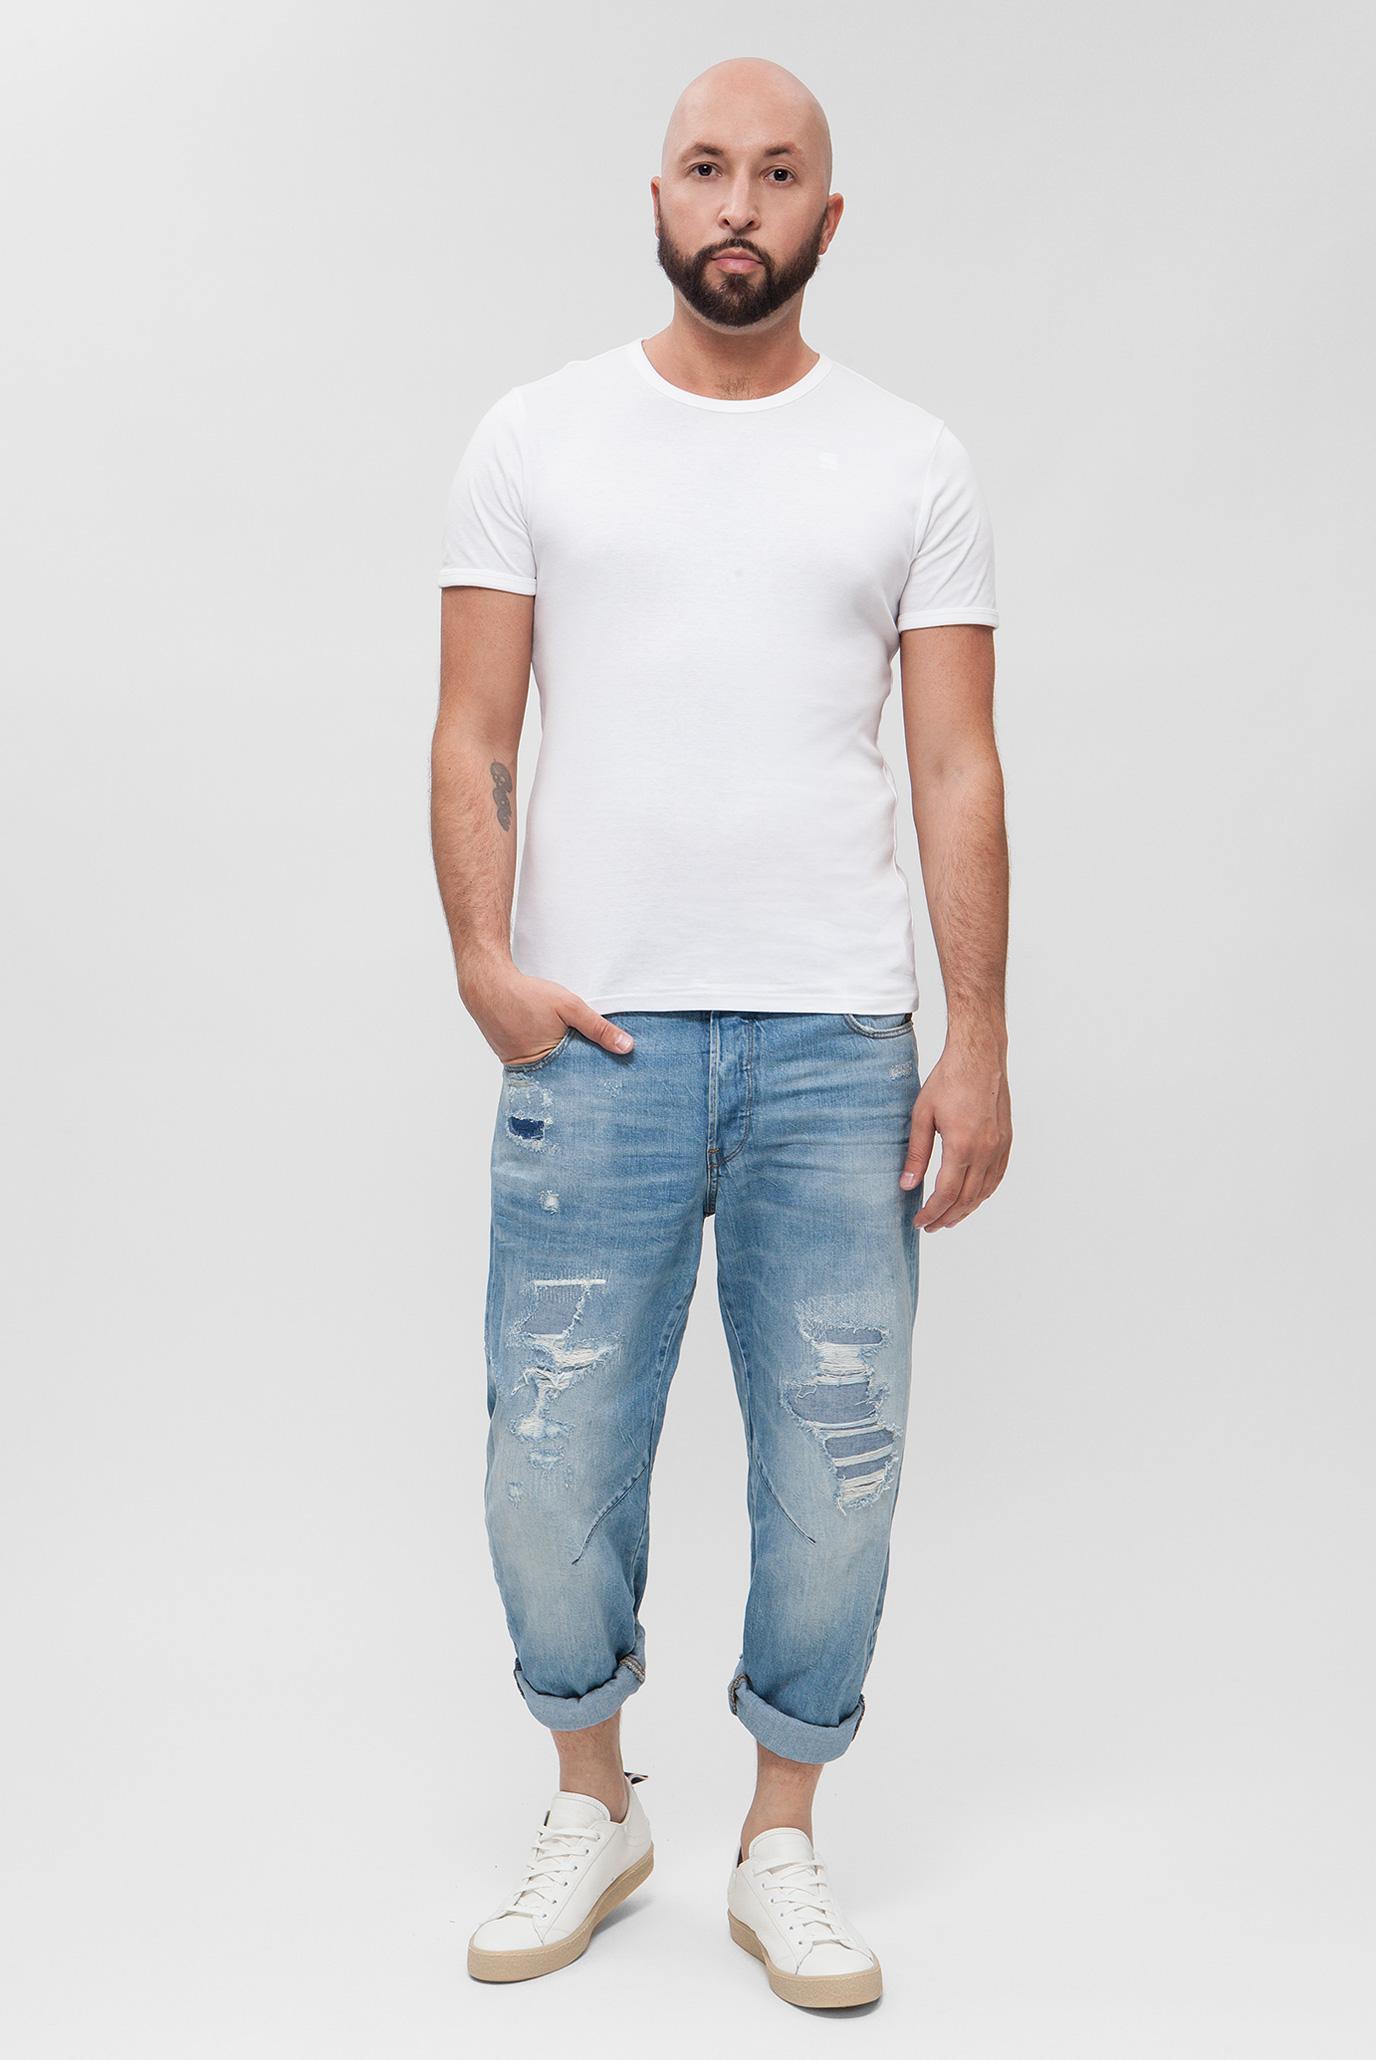 Купить Мужские голубые джинсы Arc 3D Relaxed Tapered G-Star RAW G-Star RAW D09132,9299 – Киев, Украина. Цены в интернет магазине MD Fashion